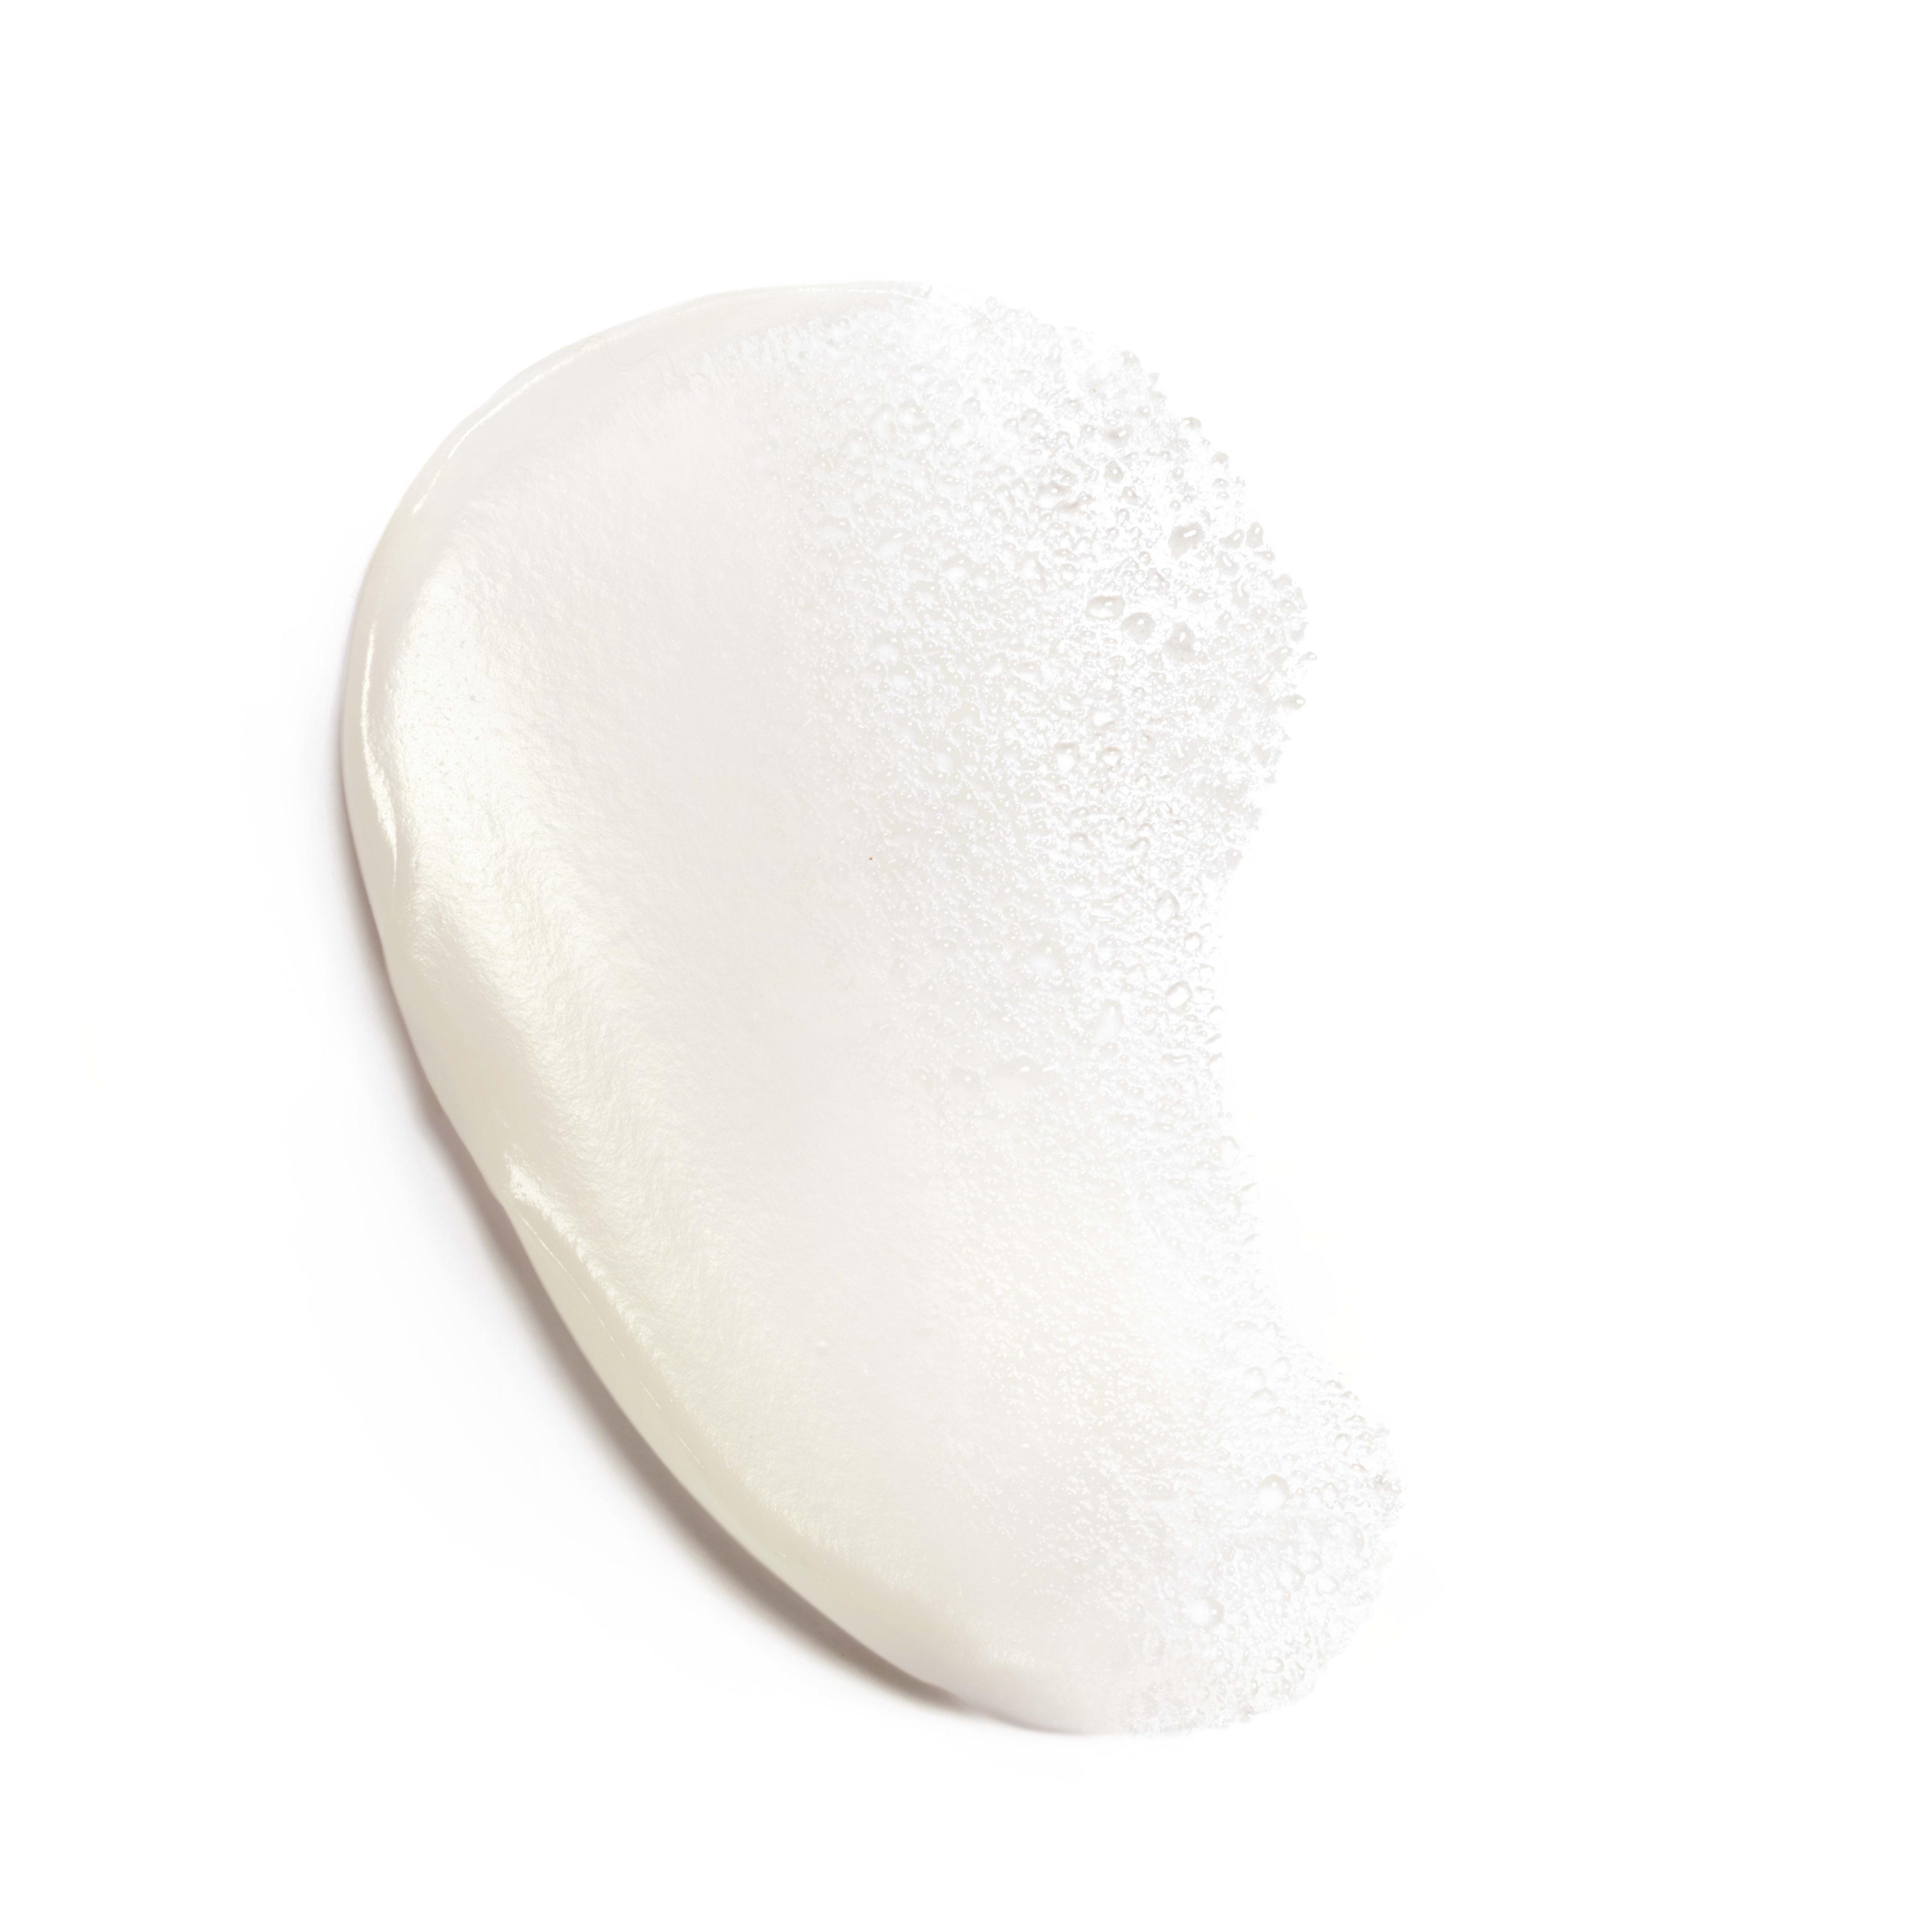 Hydra Beauty Masque De Nuit Au Camélia - skincare - 3.4FL. OZ. - Basic texture view